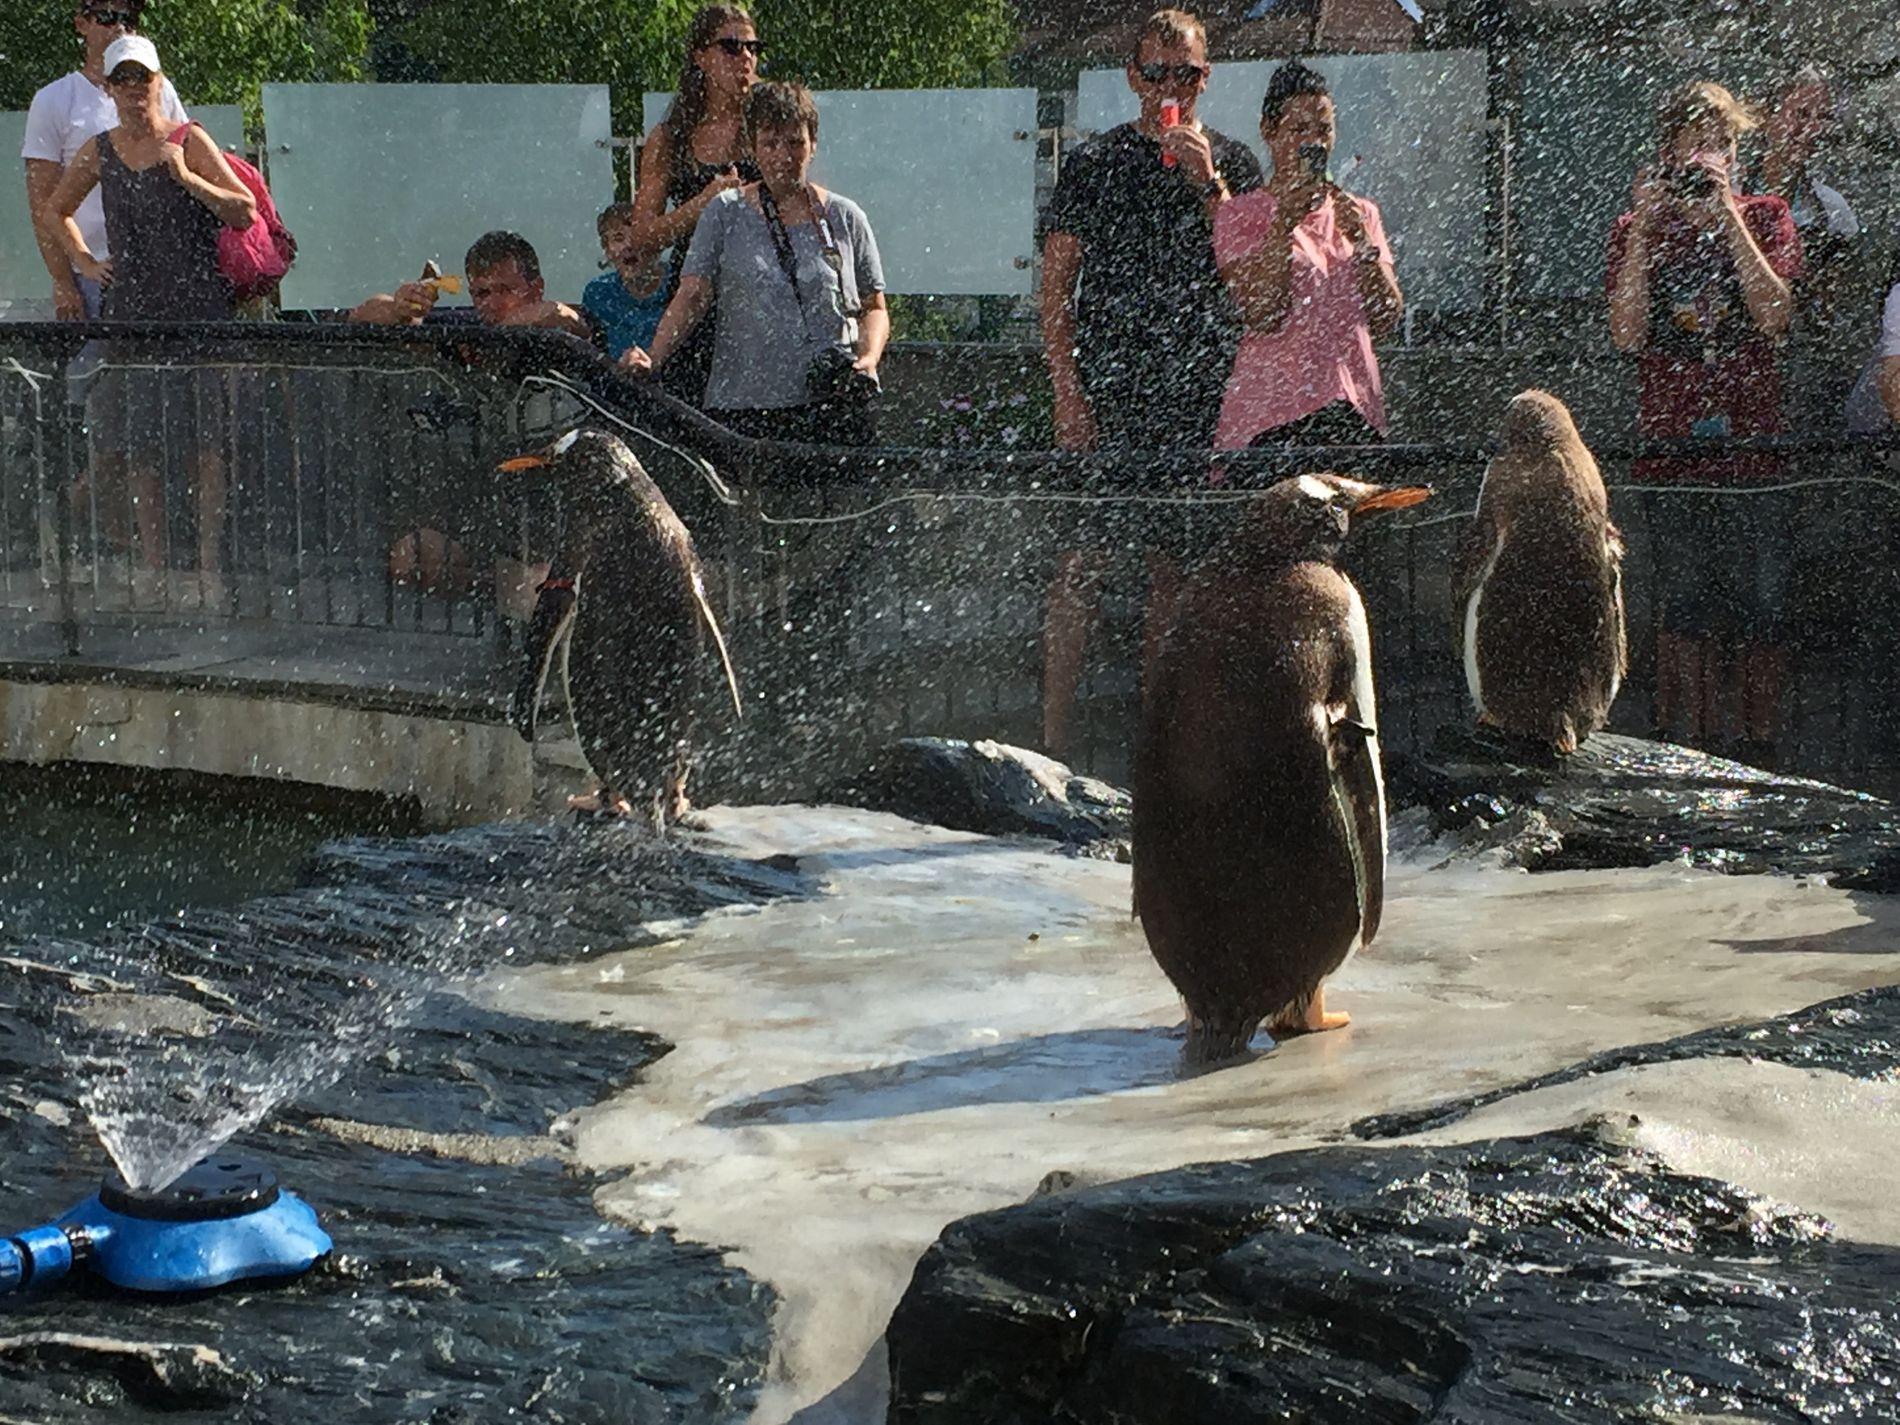 KALD SPRUT: Pingvinene i Akvariet får en god og kald dusj i det varme sommerværet.